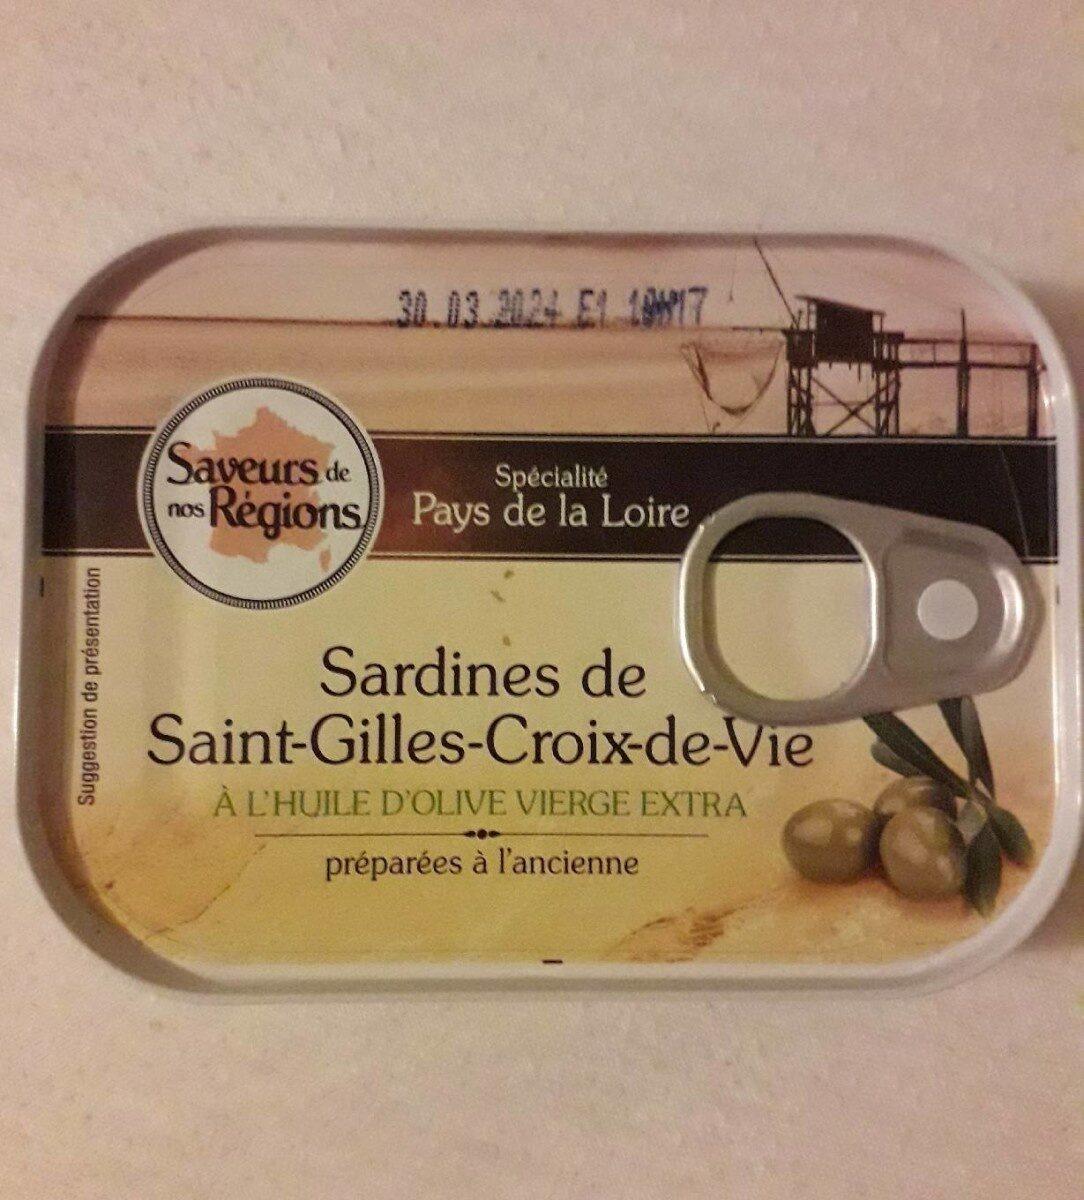 Sardines de Saint Gilles Croix de Vie - Product - fr